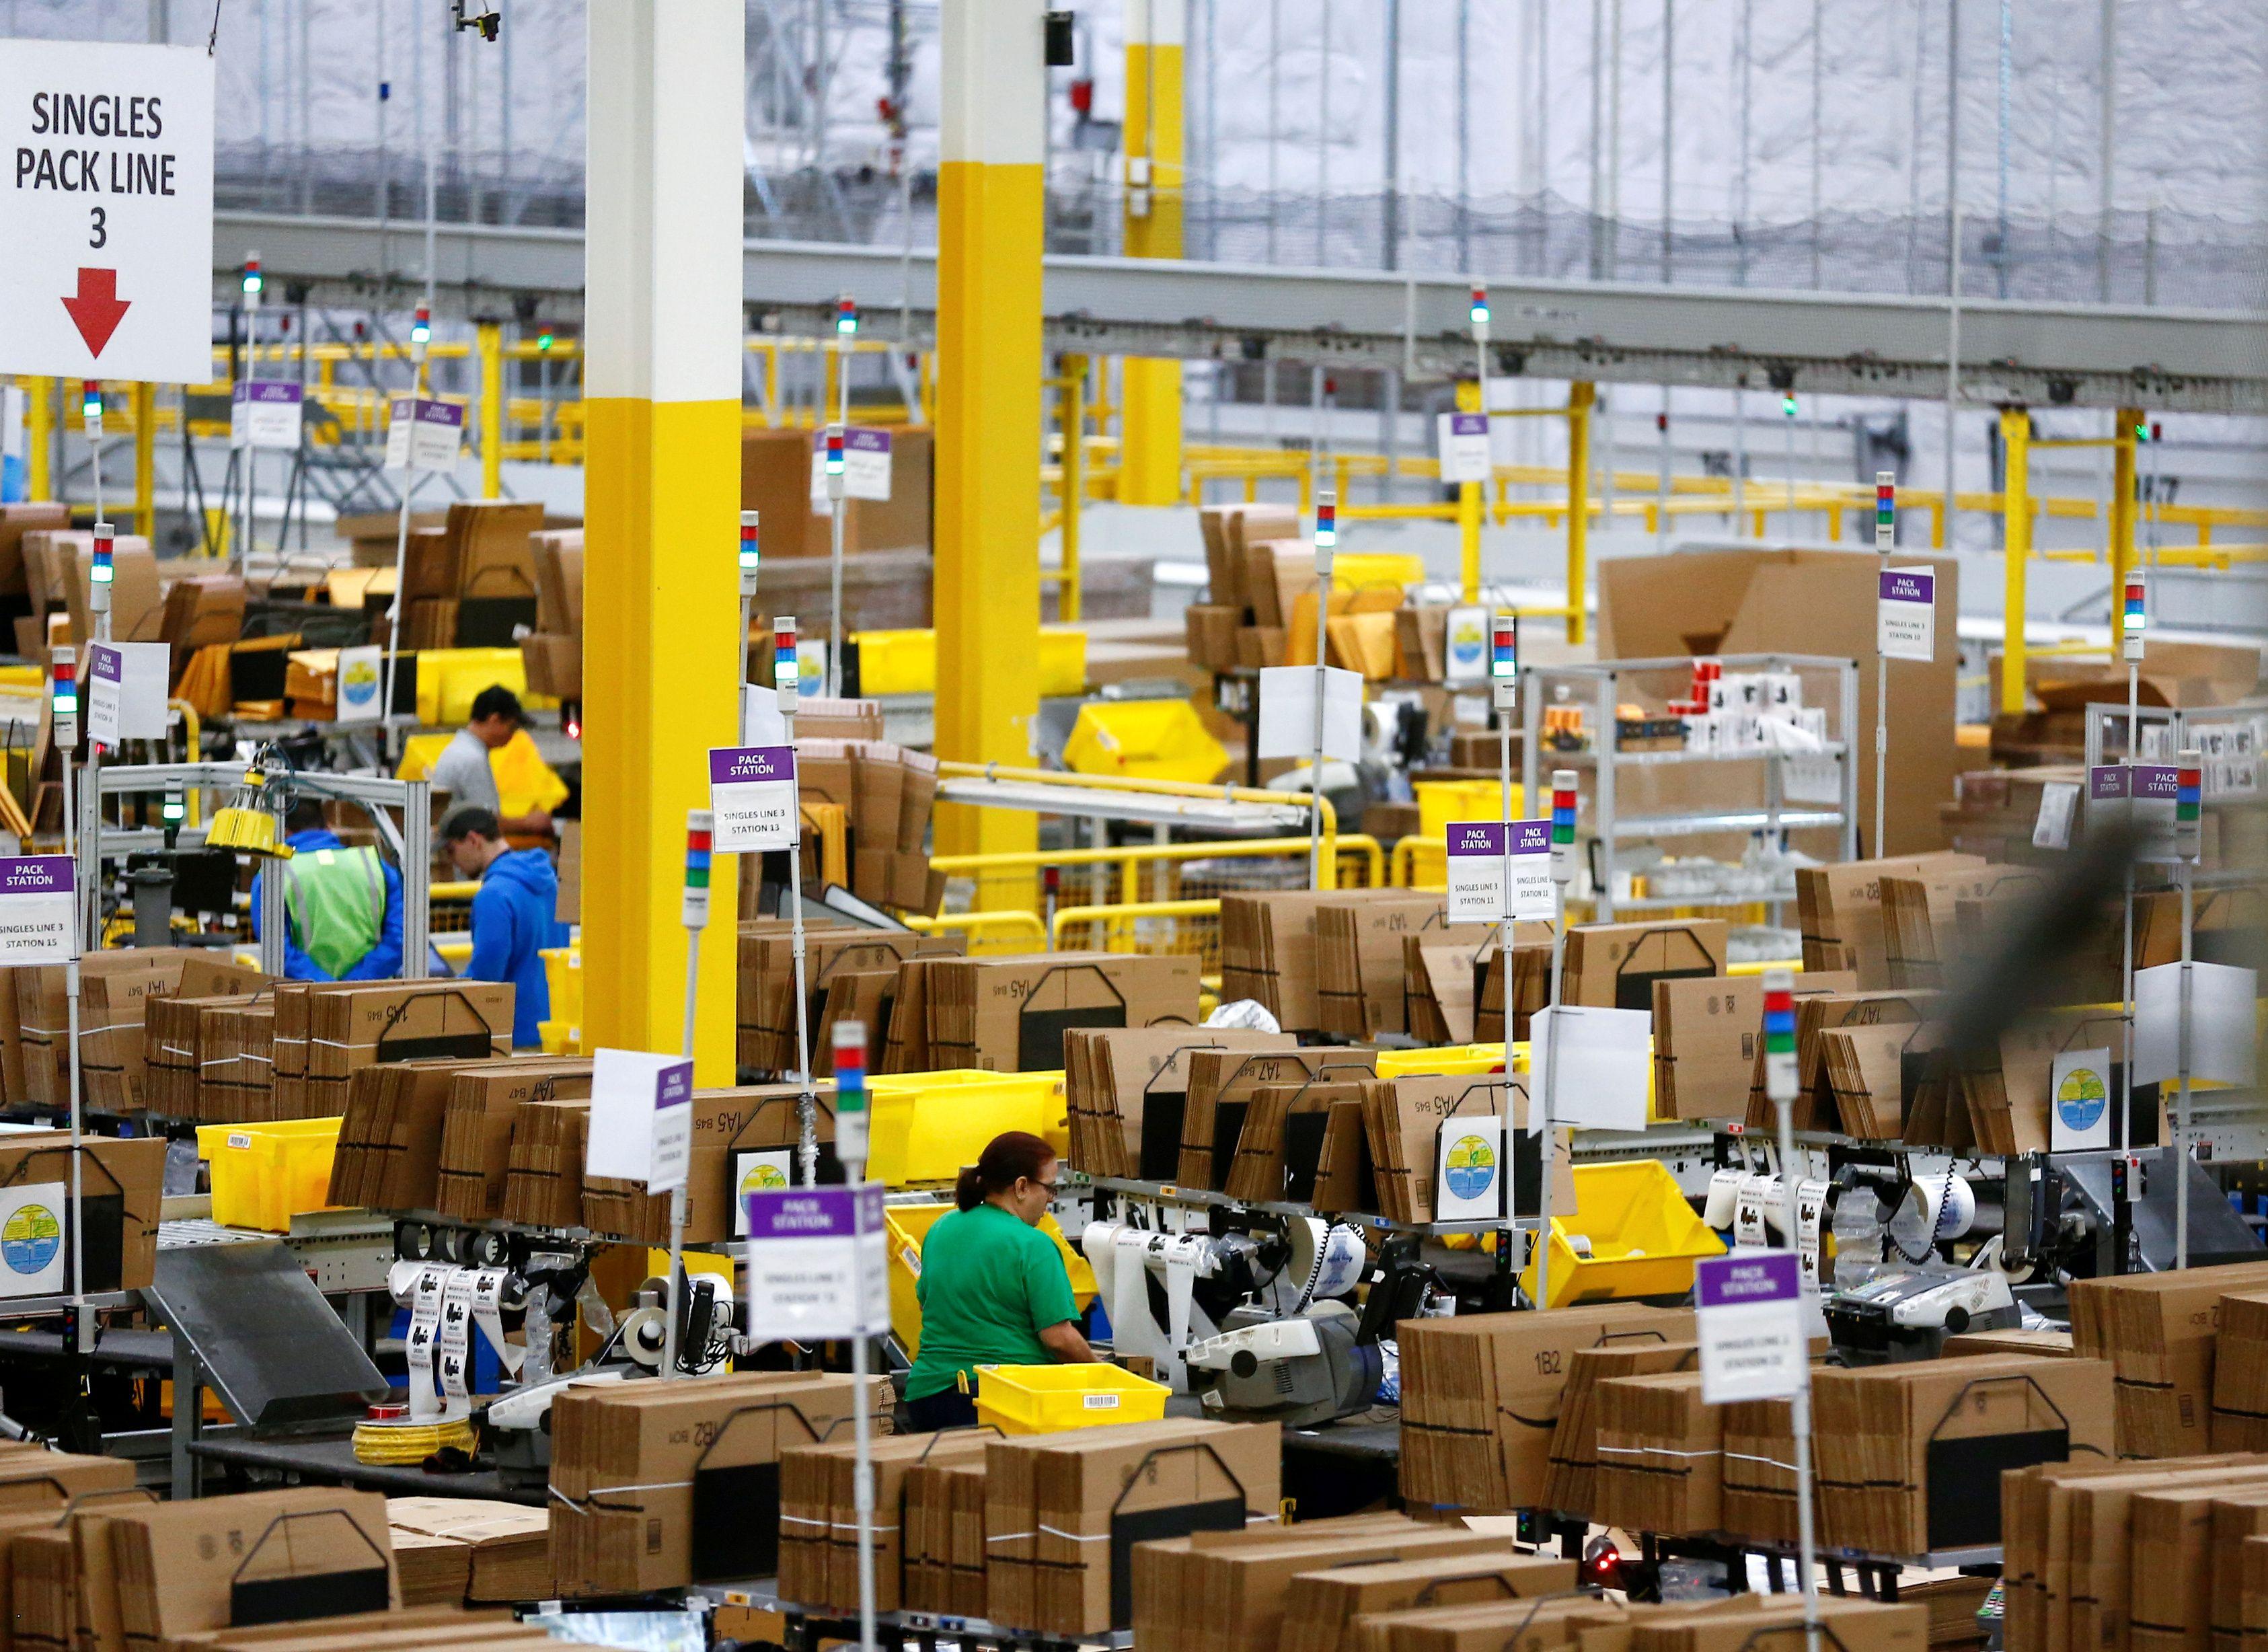 Un informe cuestiona la vigilancia de precios de Amazon durante la pandemia